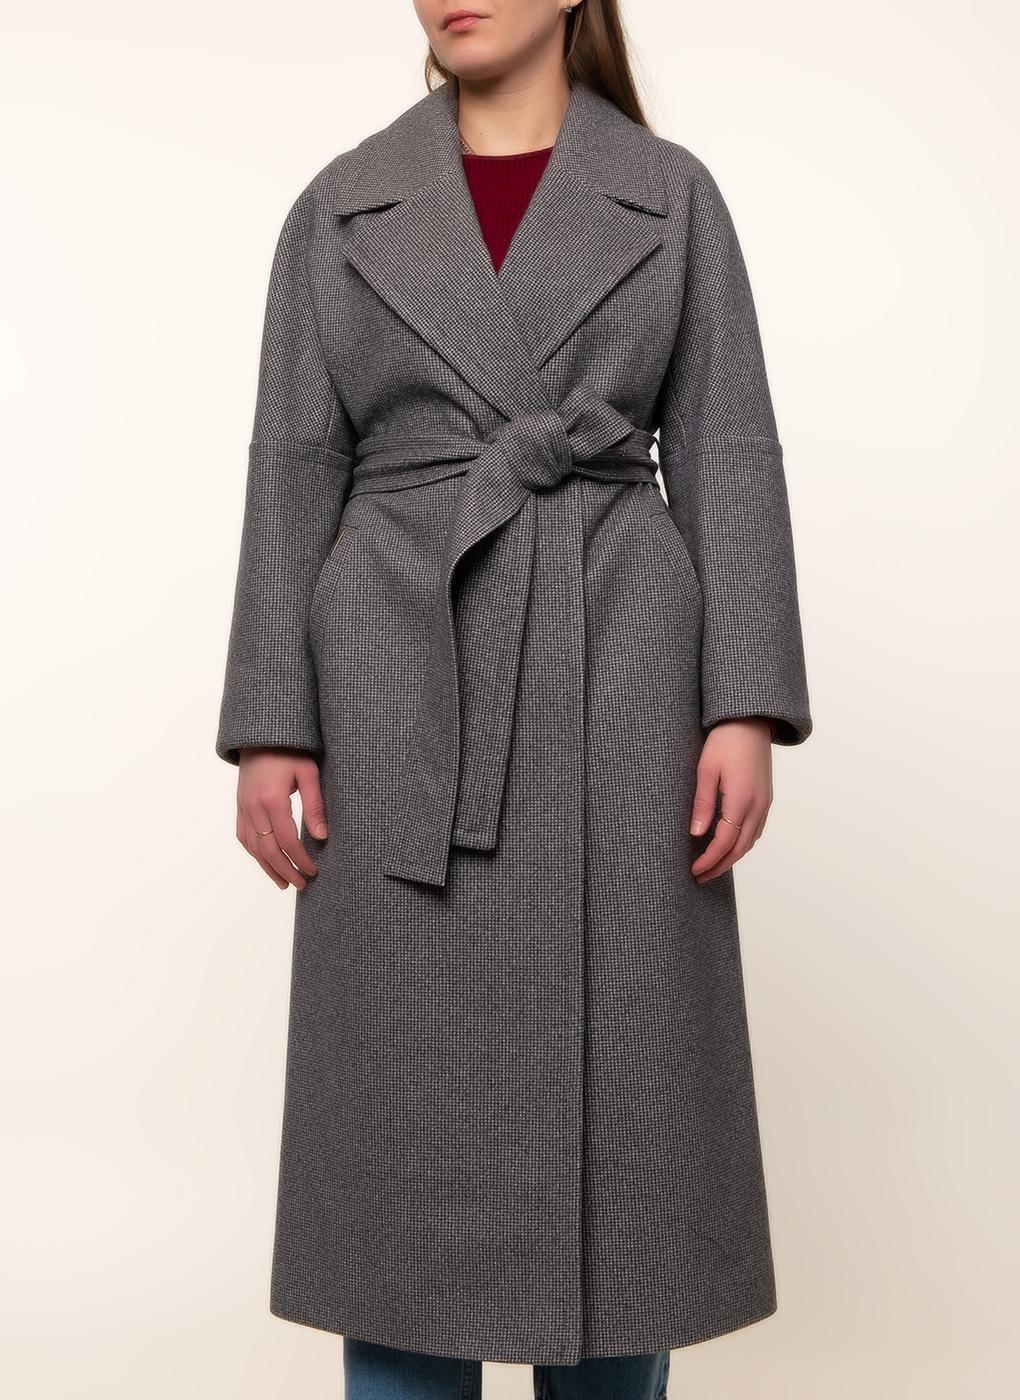 Пальто прямое полушерстяное 76, idekka фото